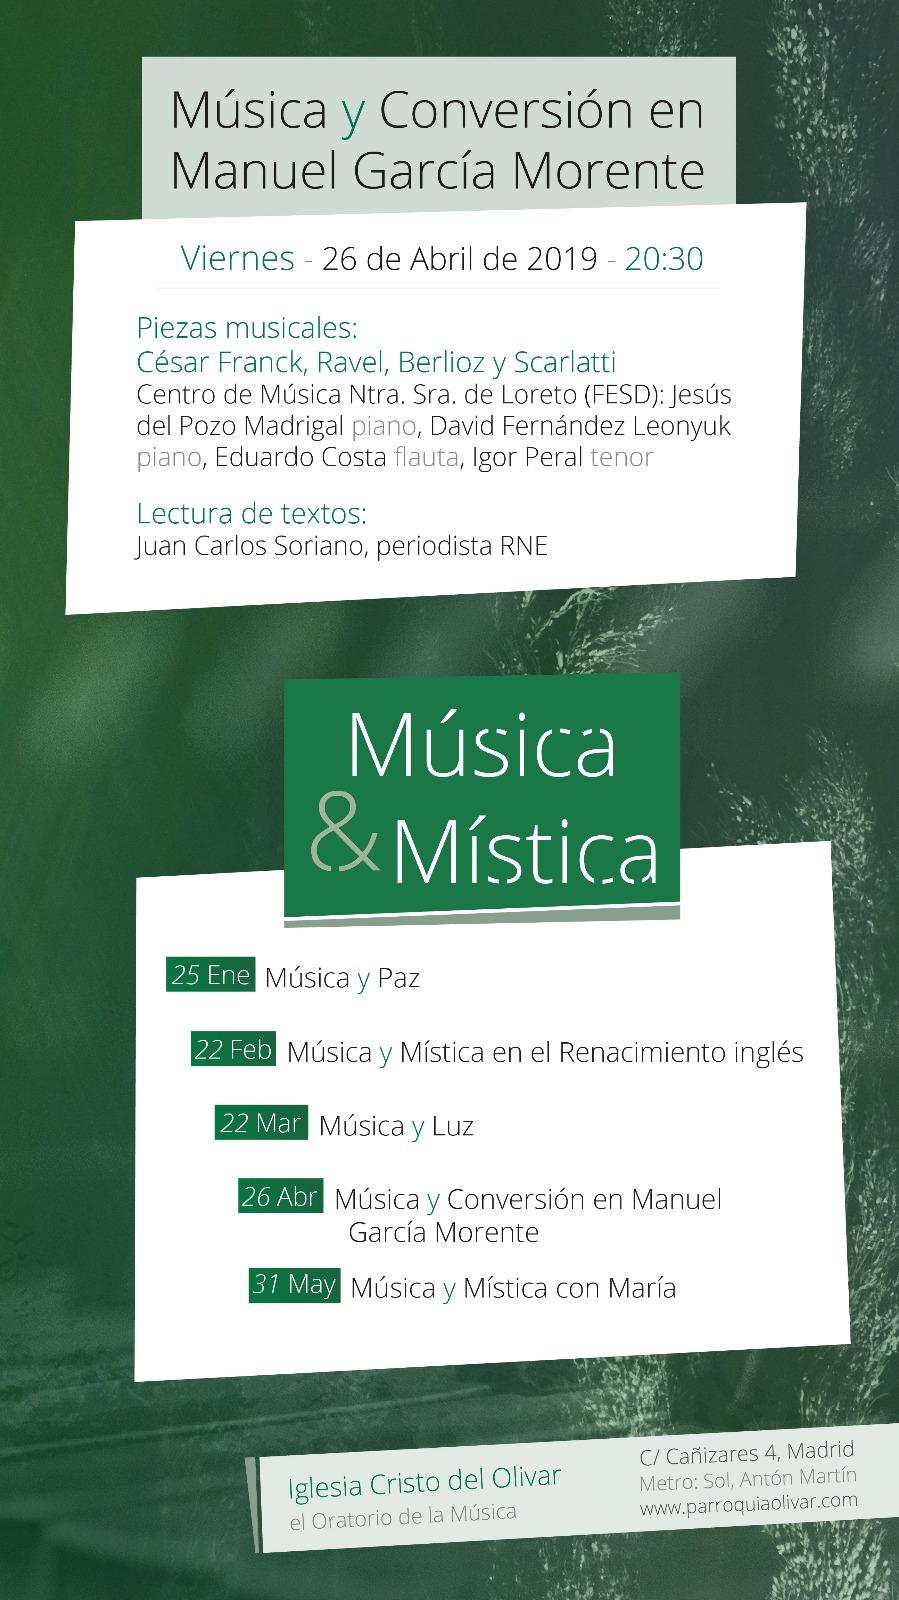 Música y Mística: Música y Conversión en Manuel García Morente